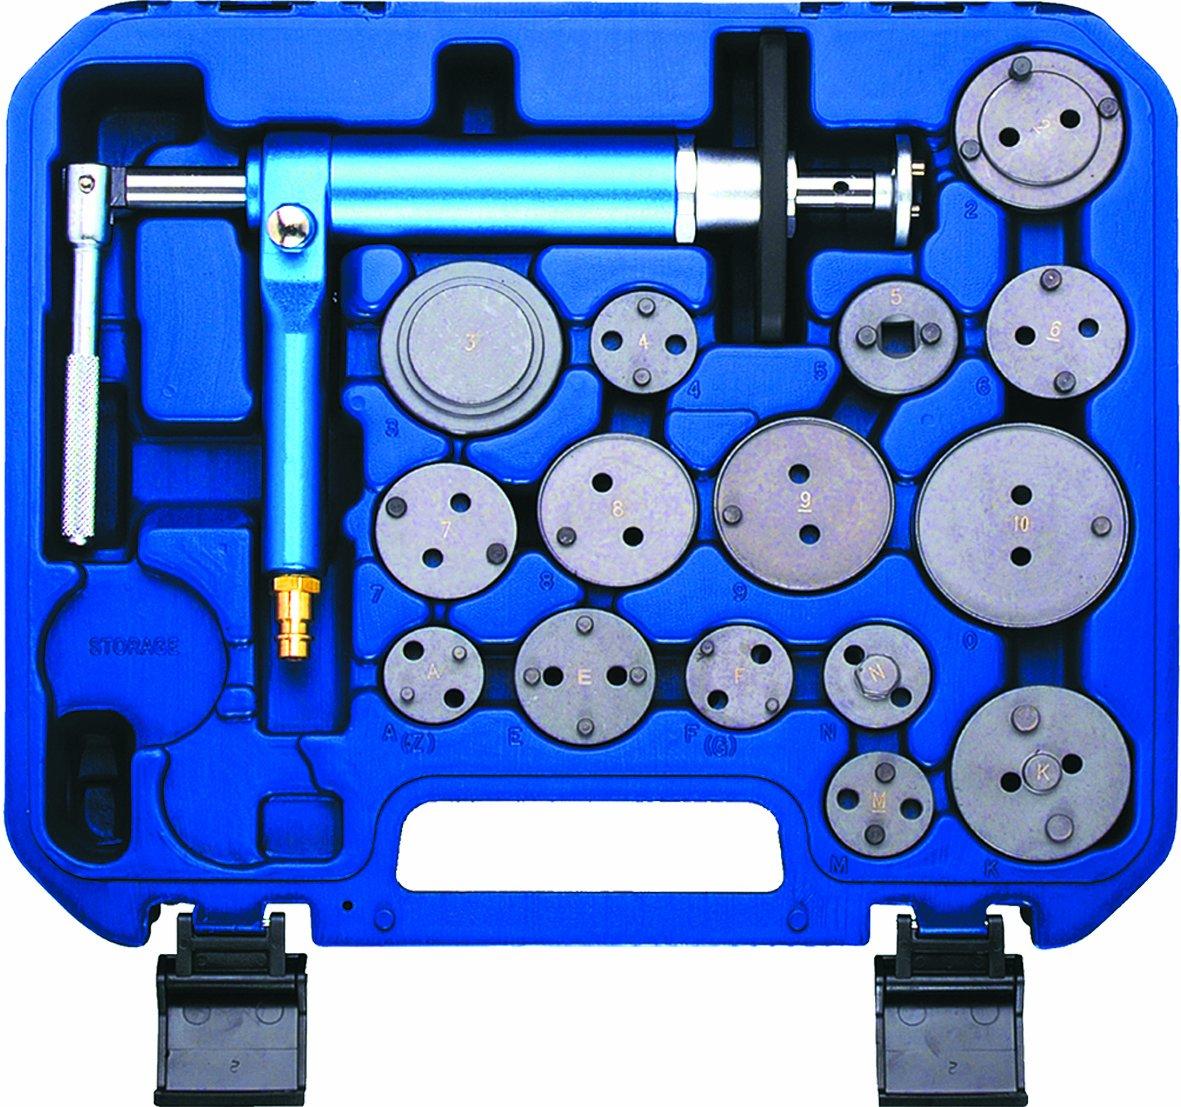 Polea tensora CT881WP2 Kit correa distribuci/ón 1x Original Contitech Bomba de agua